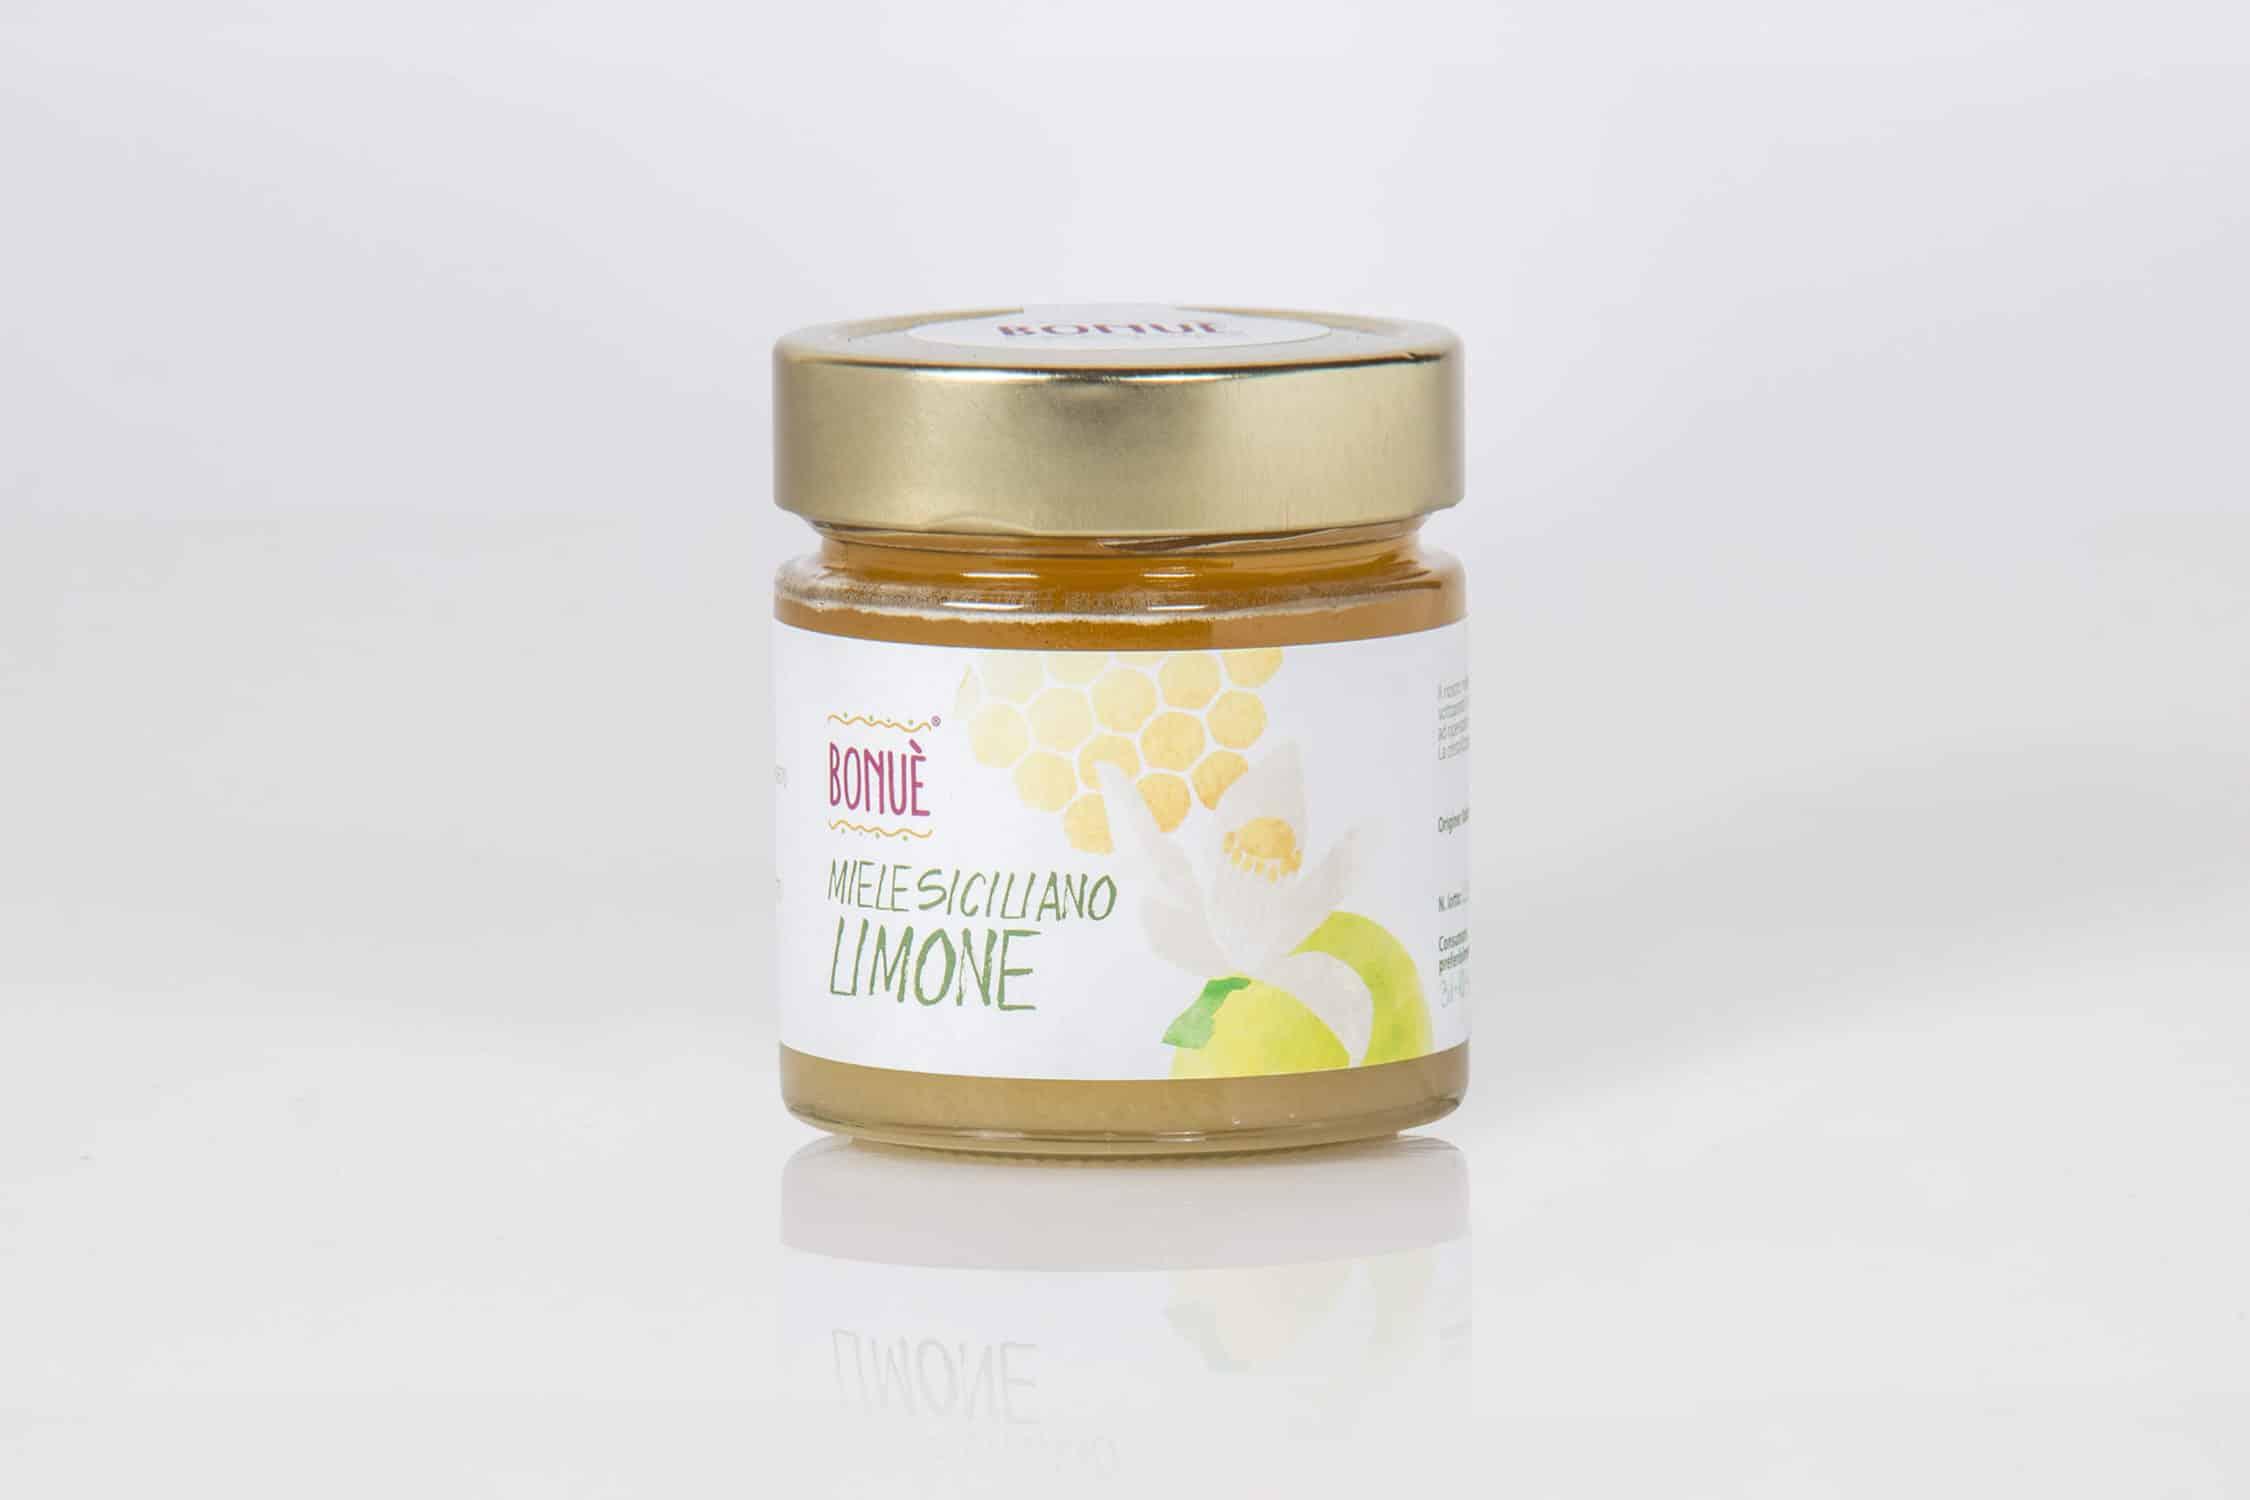 Miele siciliano al Limone Bonuè vasetto 300g